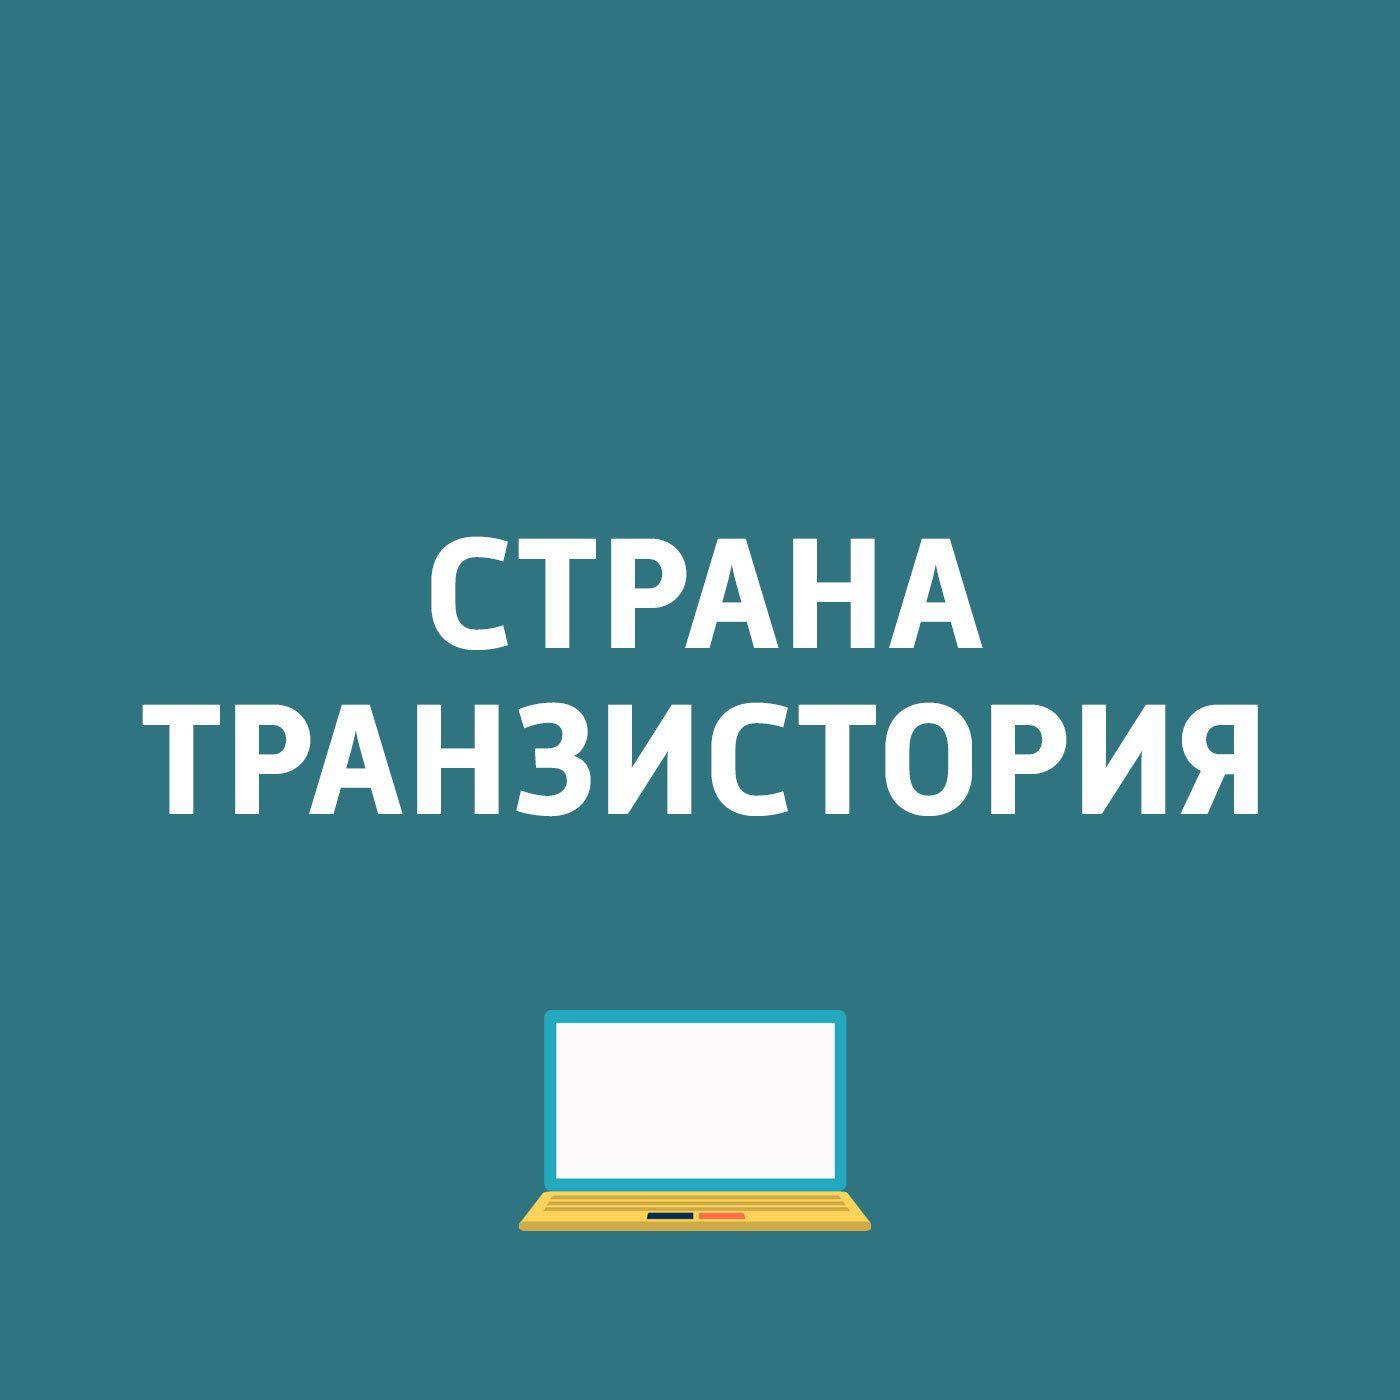 Картаев Павел Какой выбрать браузер, если Chrome начал глючить; Начало российских продаж Nokia 4.2 картаев павел hmd global выпустила смартфон nokia 8 eset обнаружила вирус для устройств на андроиде